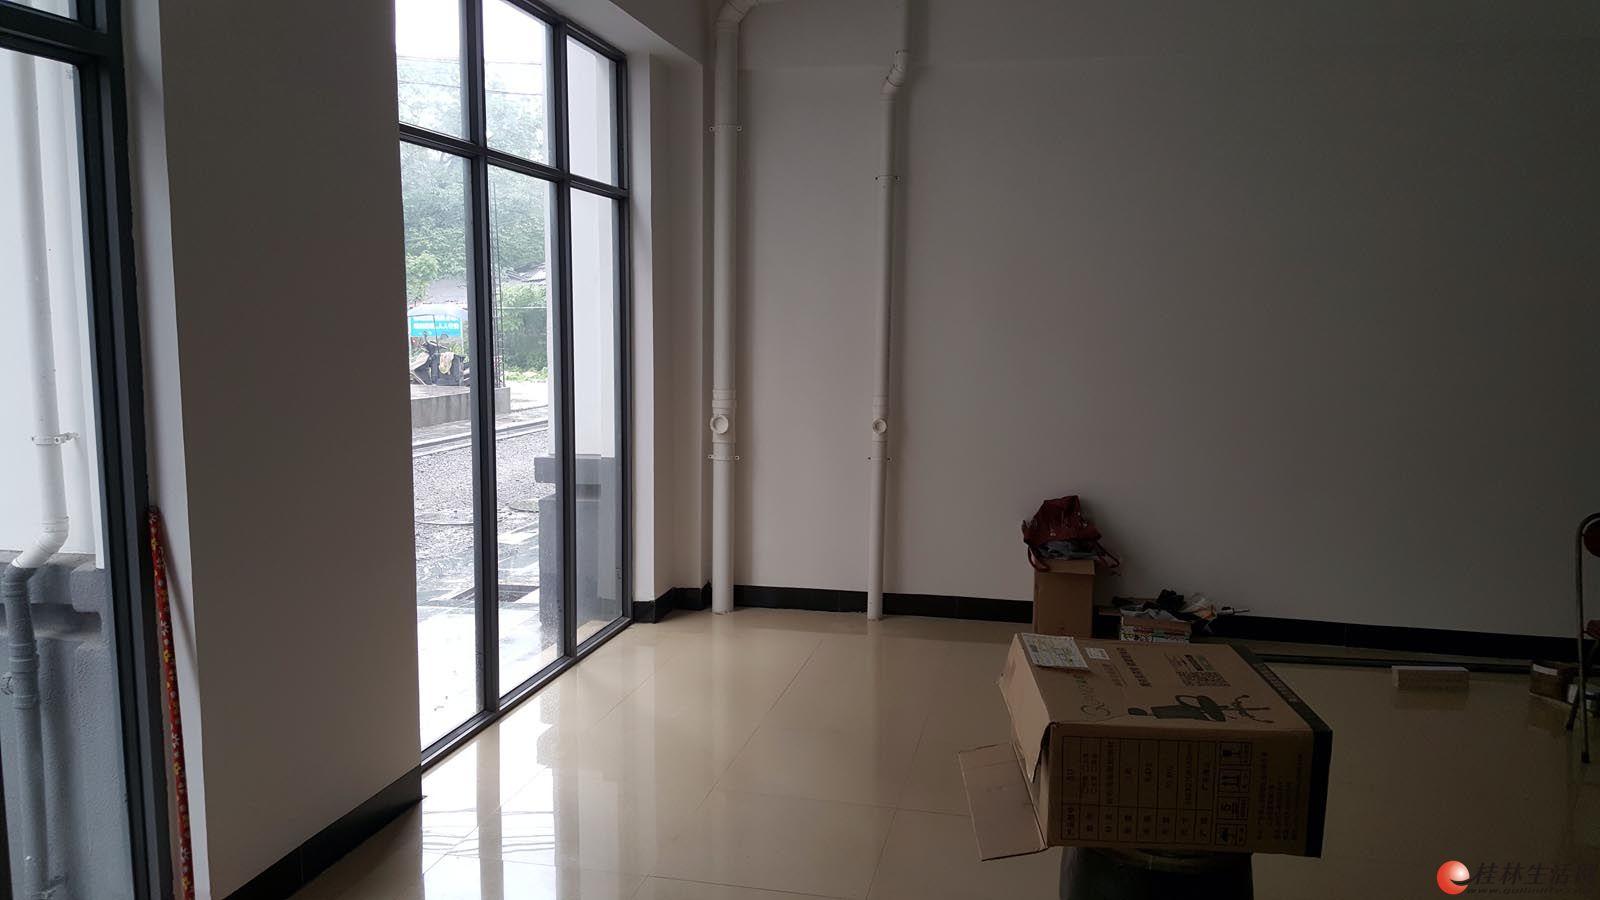 虞山桥香格里拉大酒店旁,漓江郡府,上关新村复式楼1,2层整租或者单间配套租